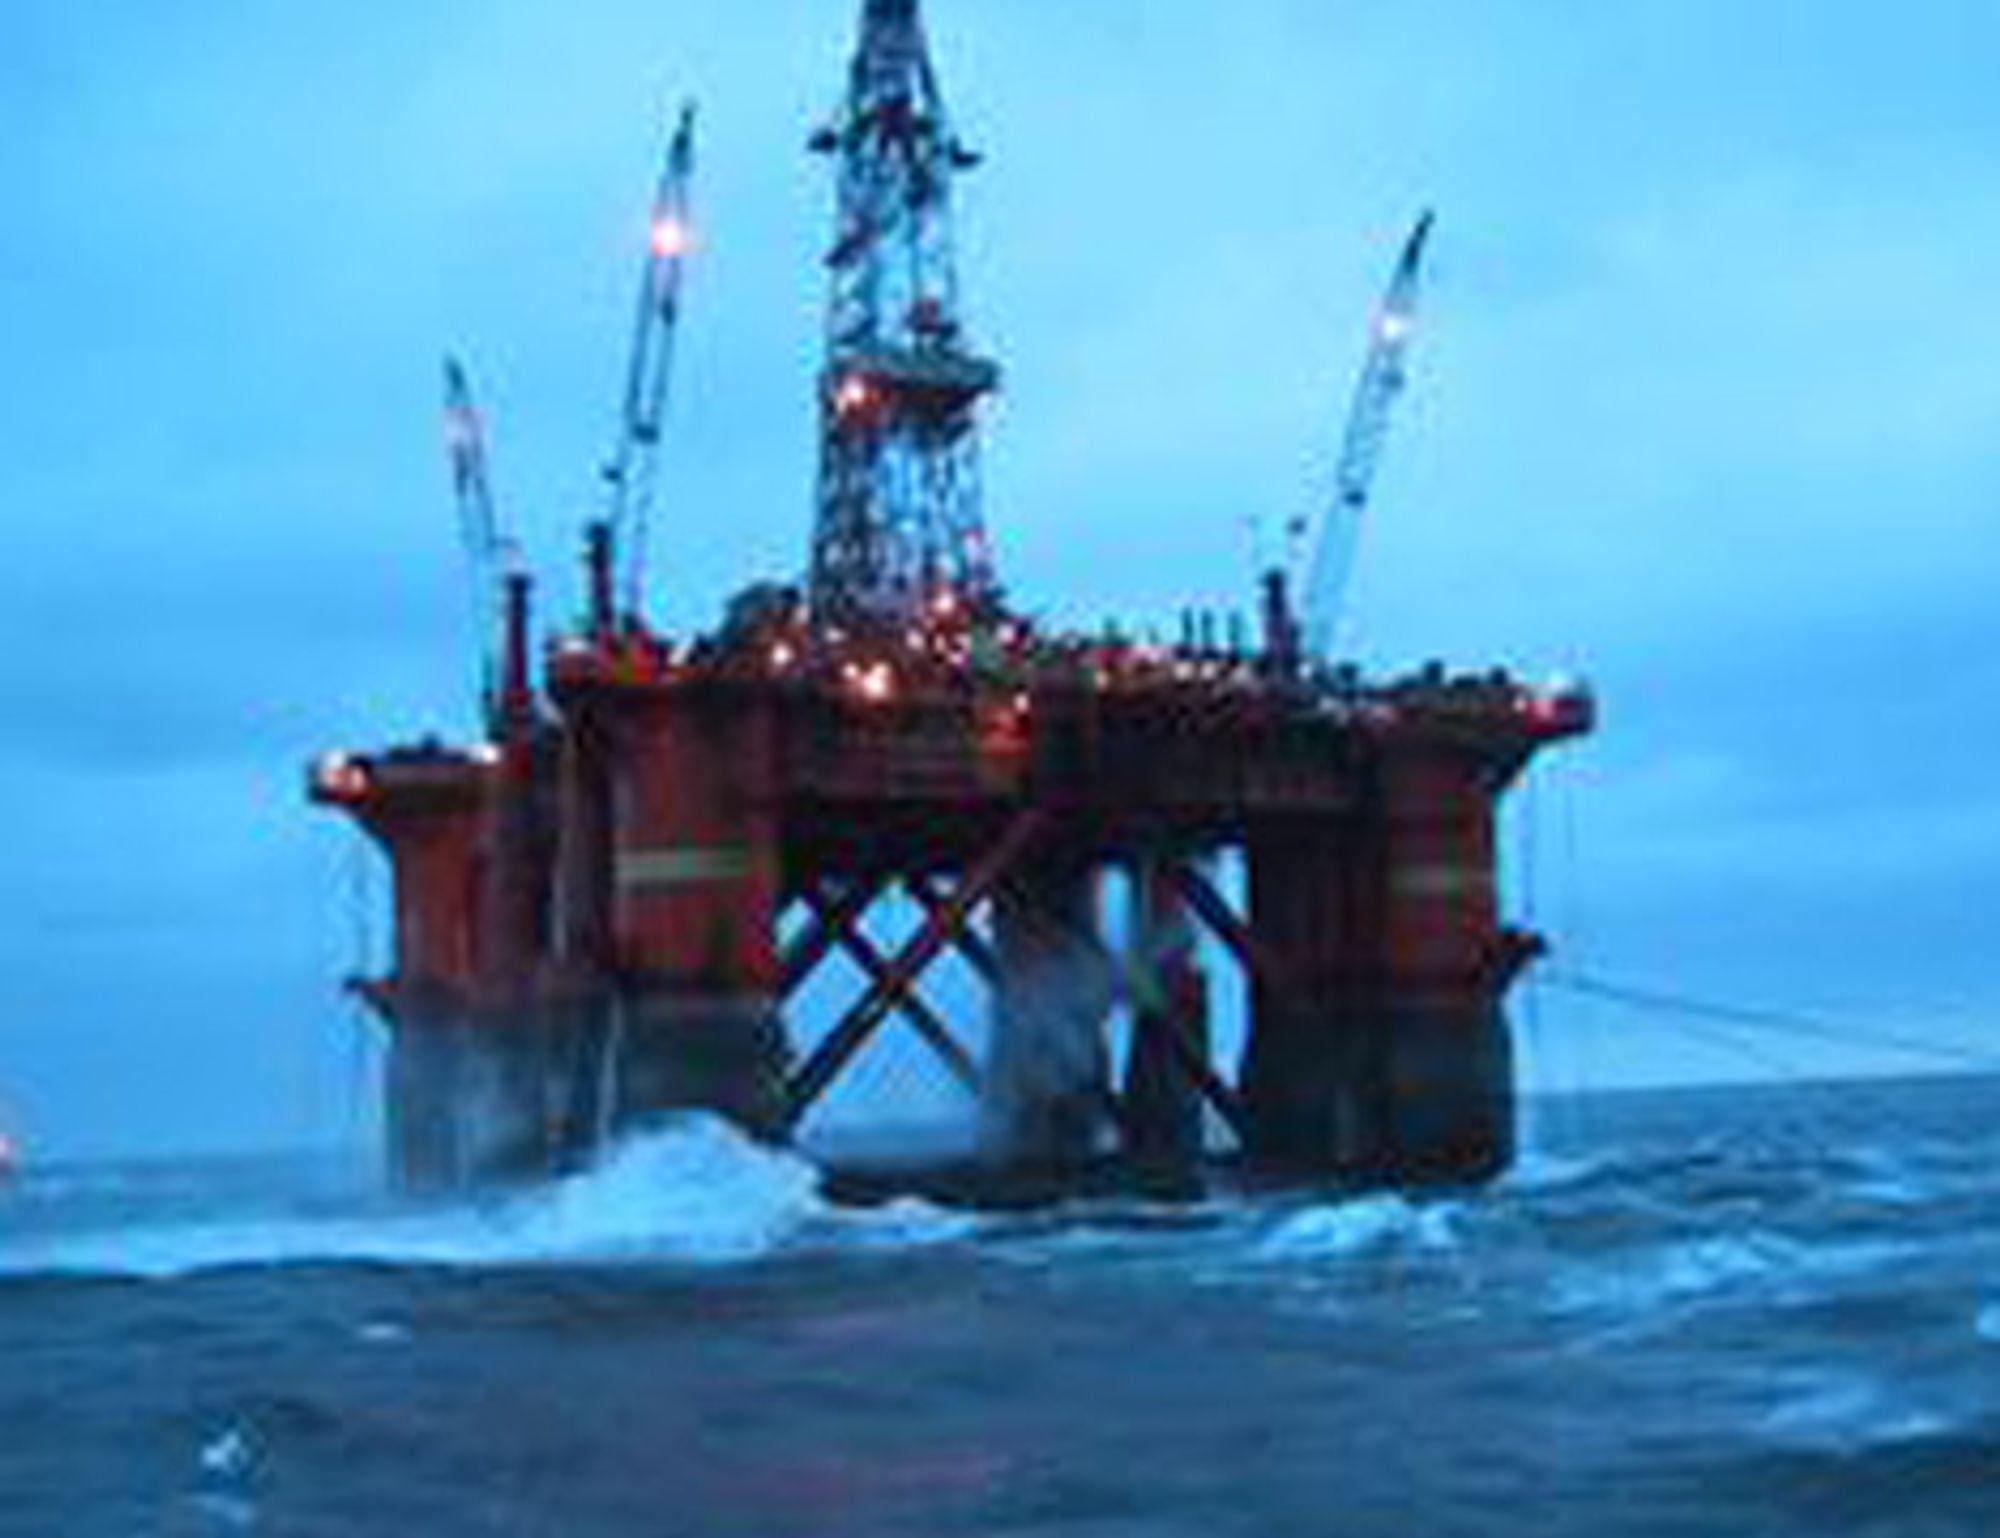 Boreriggen Deep Sea Delta borer for Hydro på Shtokman. Nå kommer Total inn som deleier.